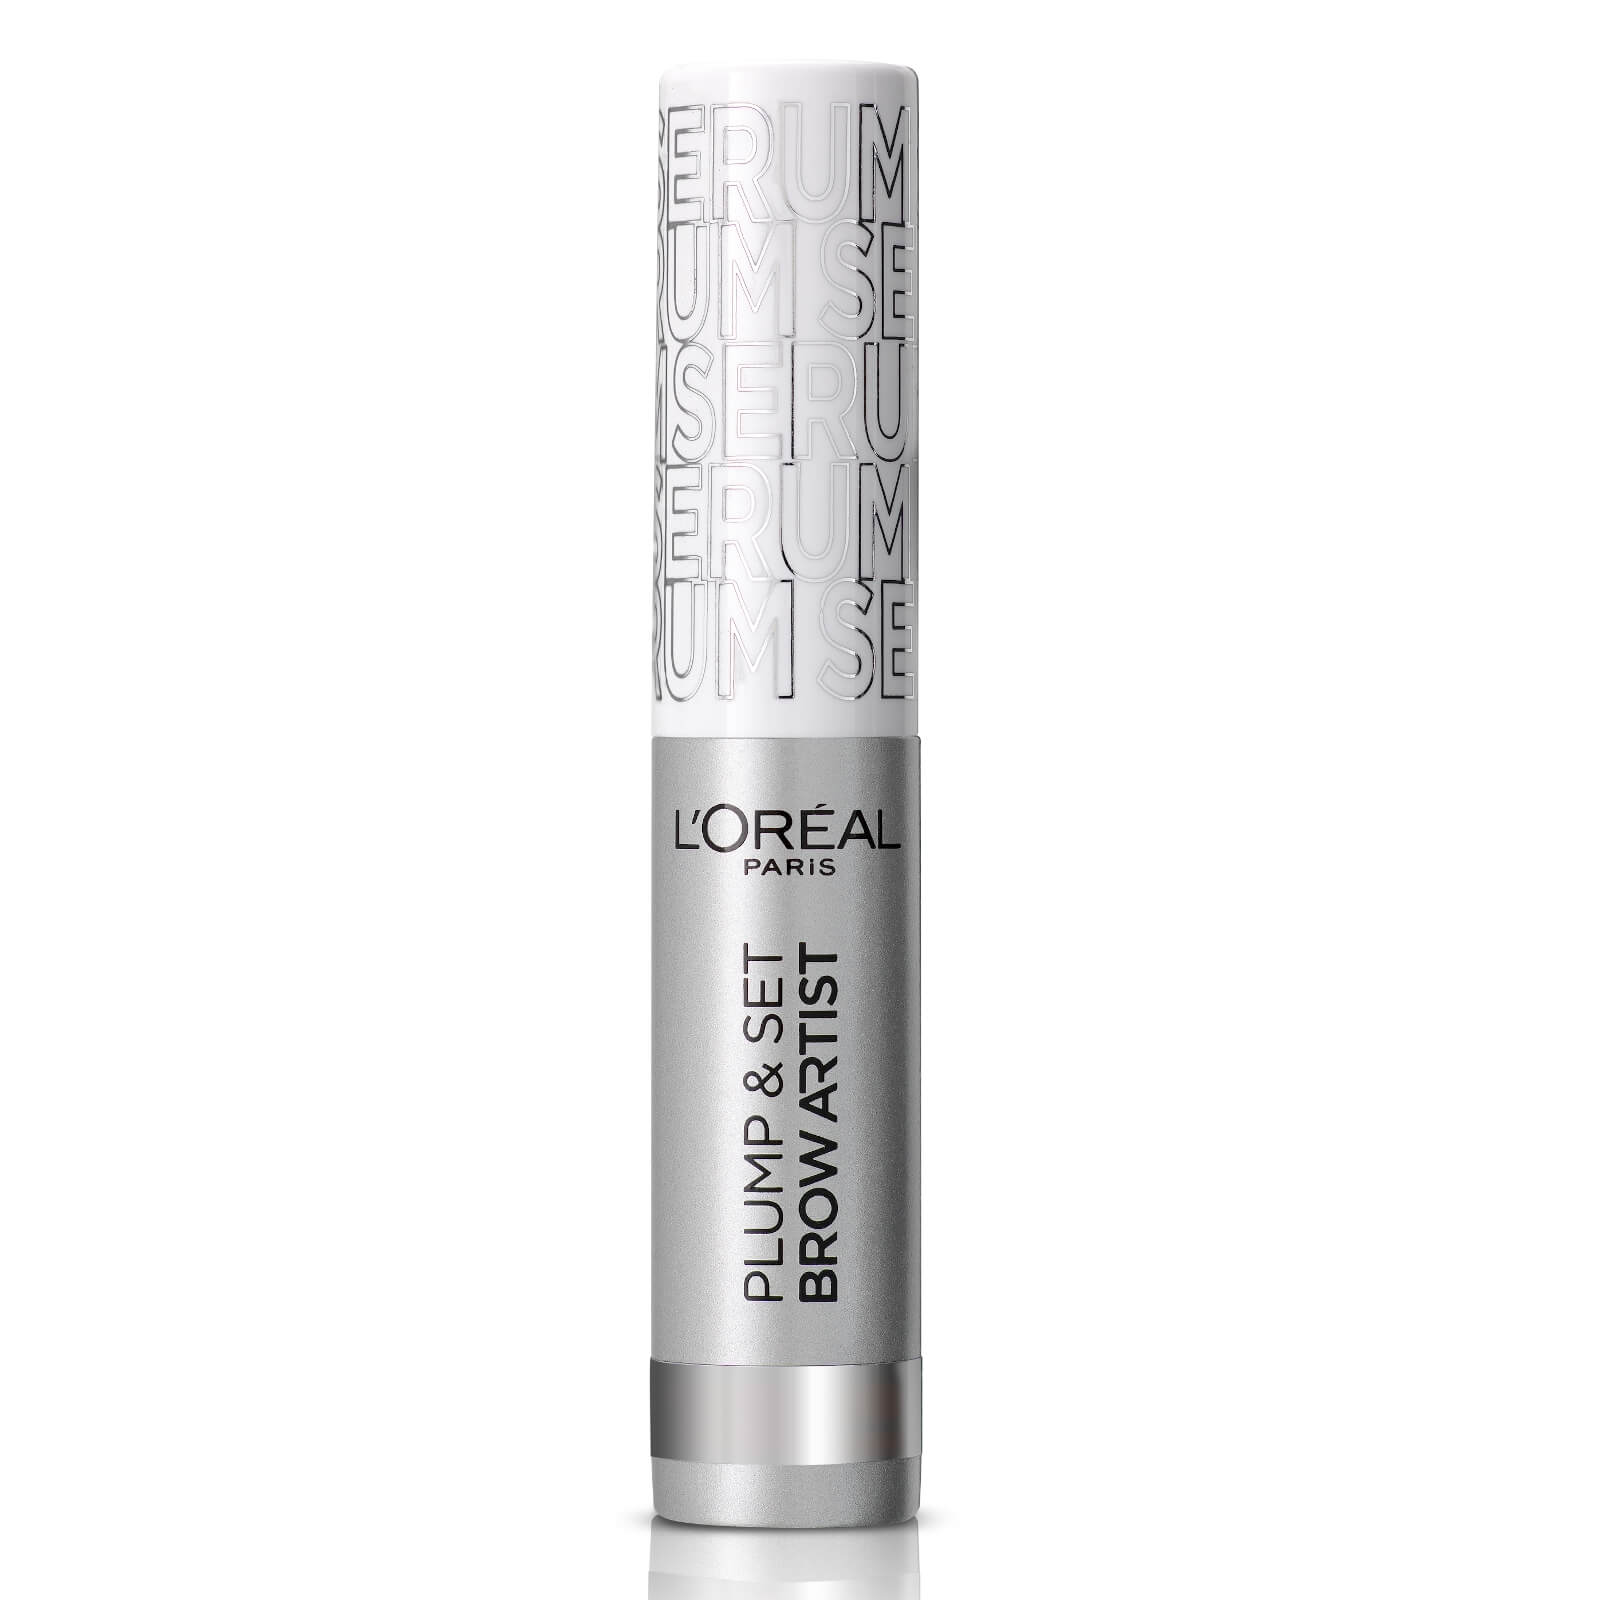 Купить L'Oréal Paris Eyebrow Artist Plump & Set Brow Serum 5ml